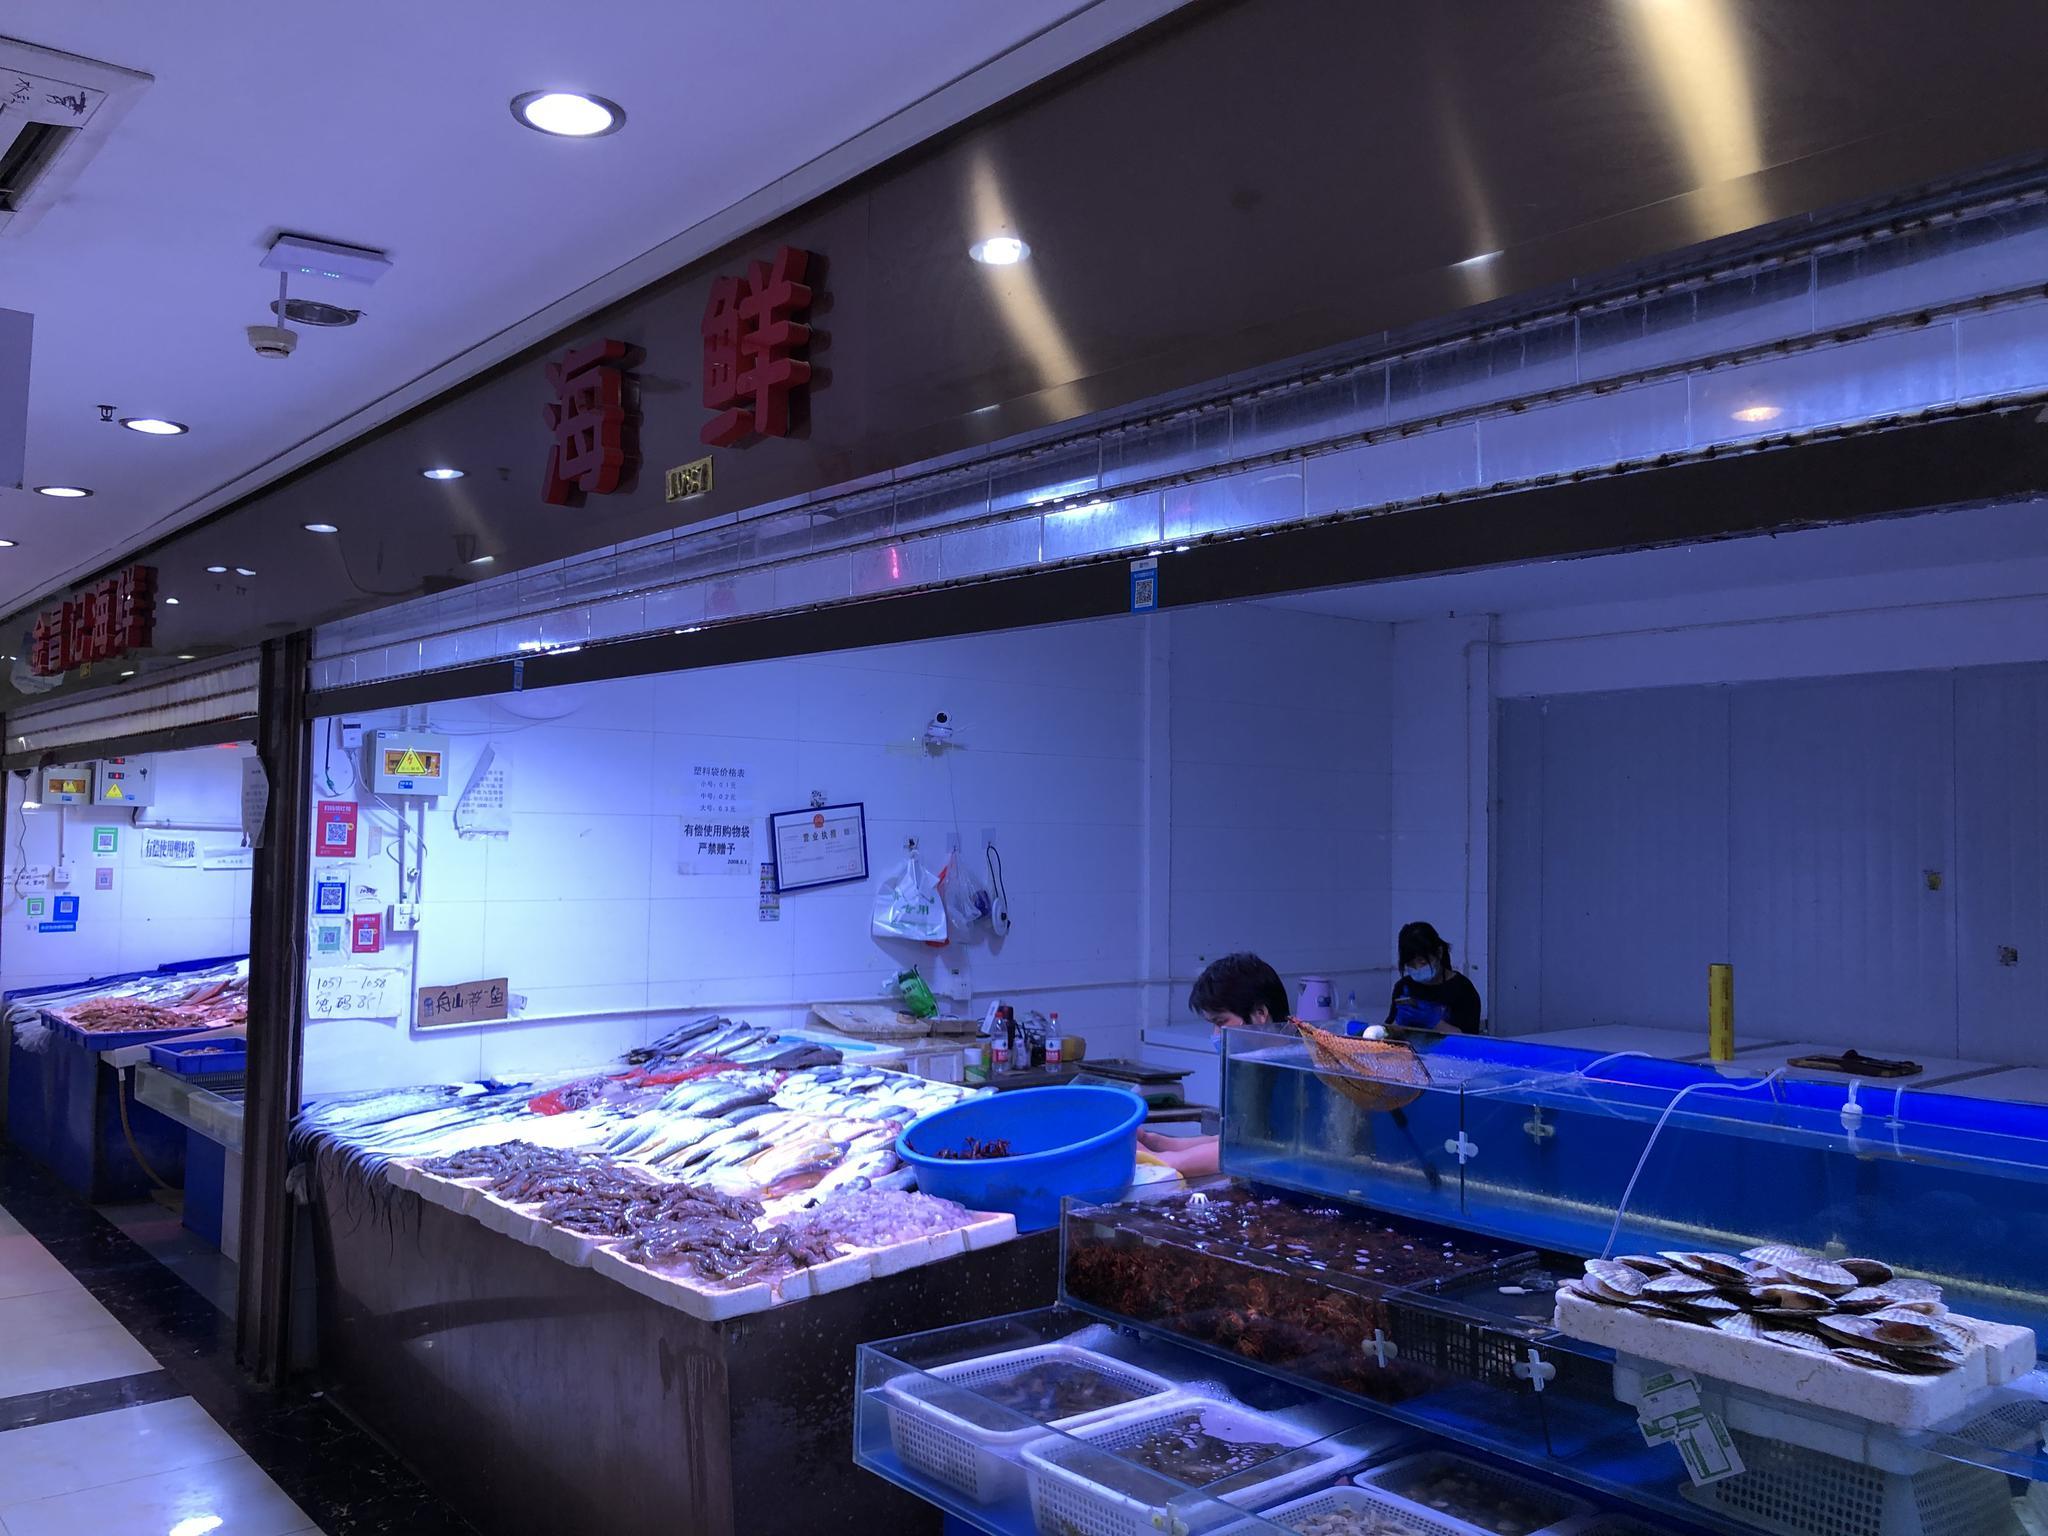 疫情发生后,北京某菜市场水产、海鲜商铺遇冷。澎湃新闻记者 汤琪 图